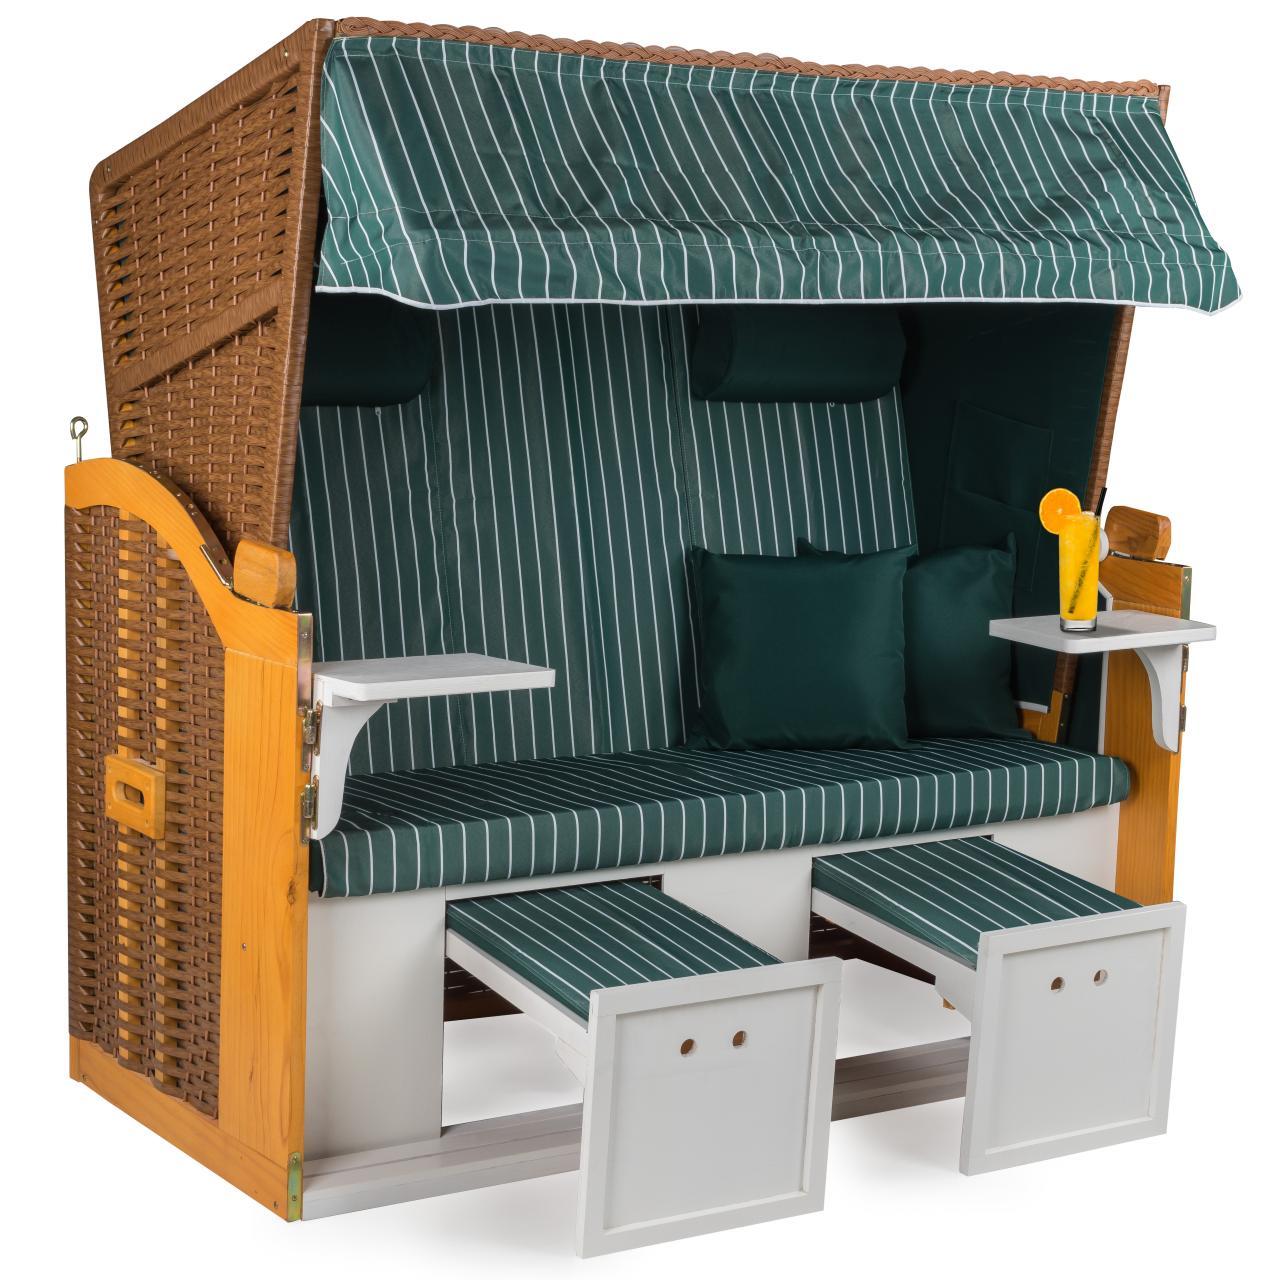 strandkorb 160cm premium nordsee volllieger gartenm bel gartenliege sonnenliege. Black Bedroom Furniture Sets. Home Design Ideas